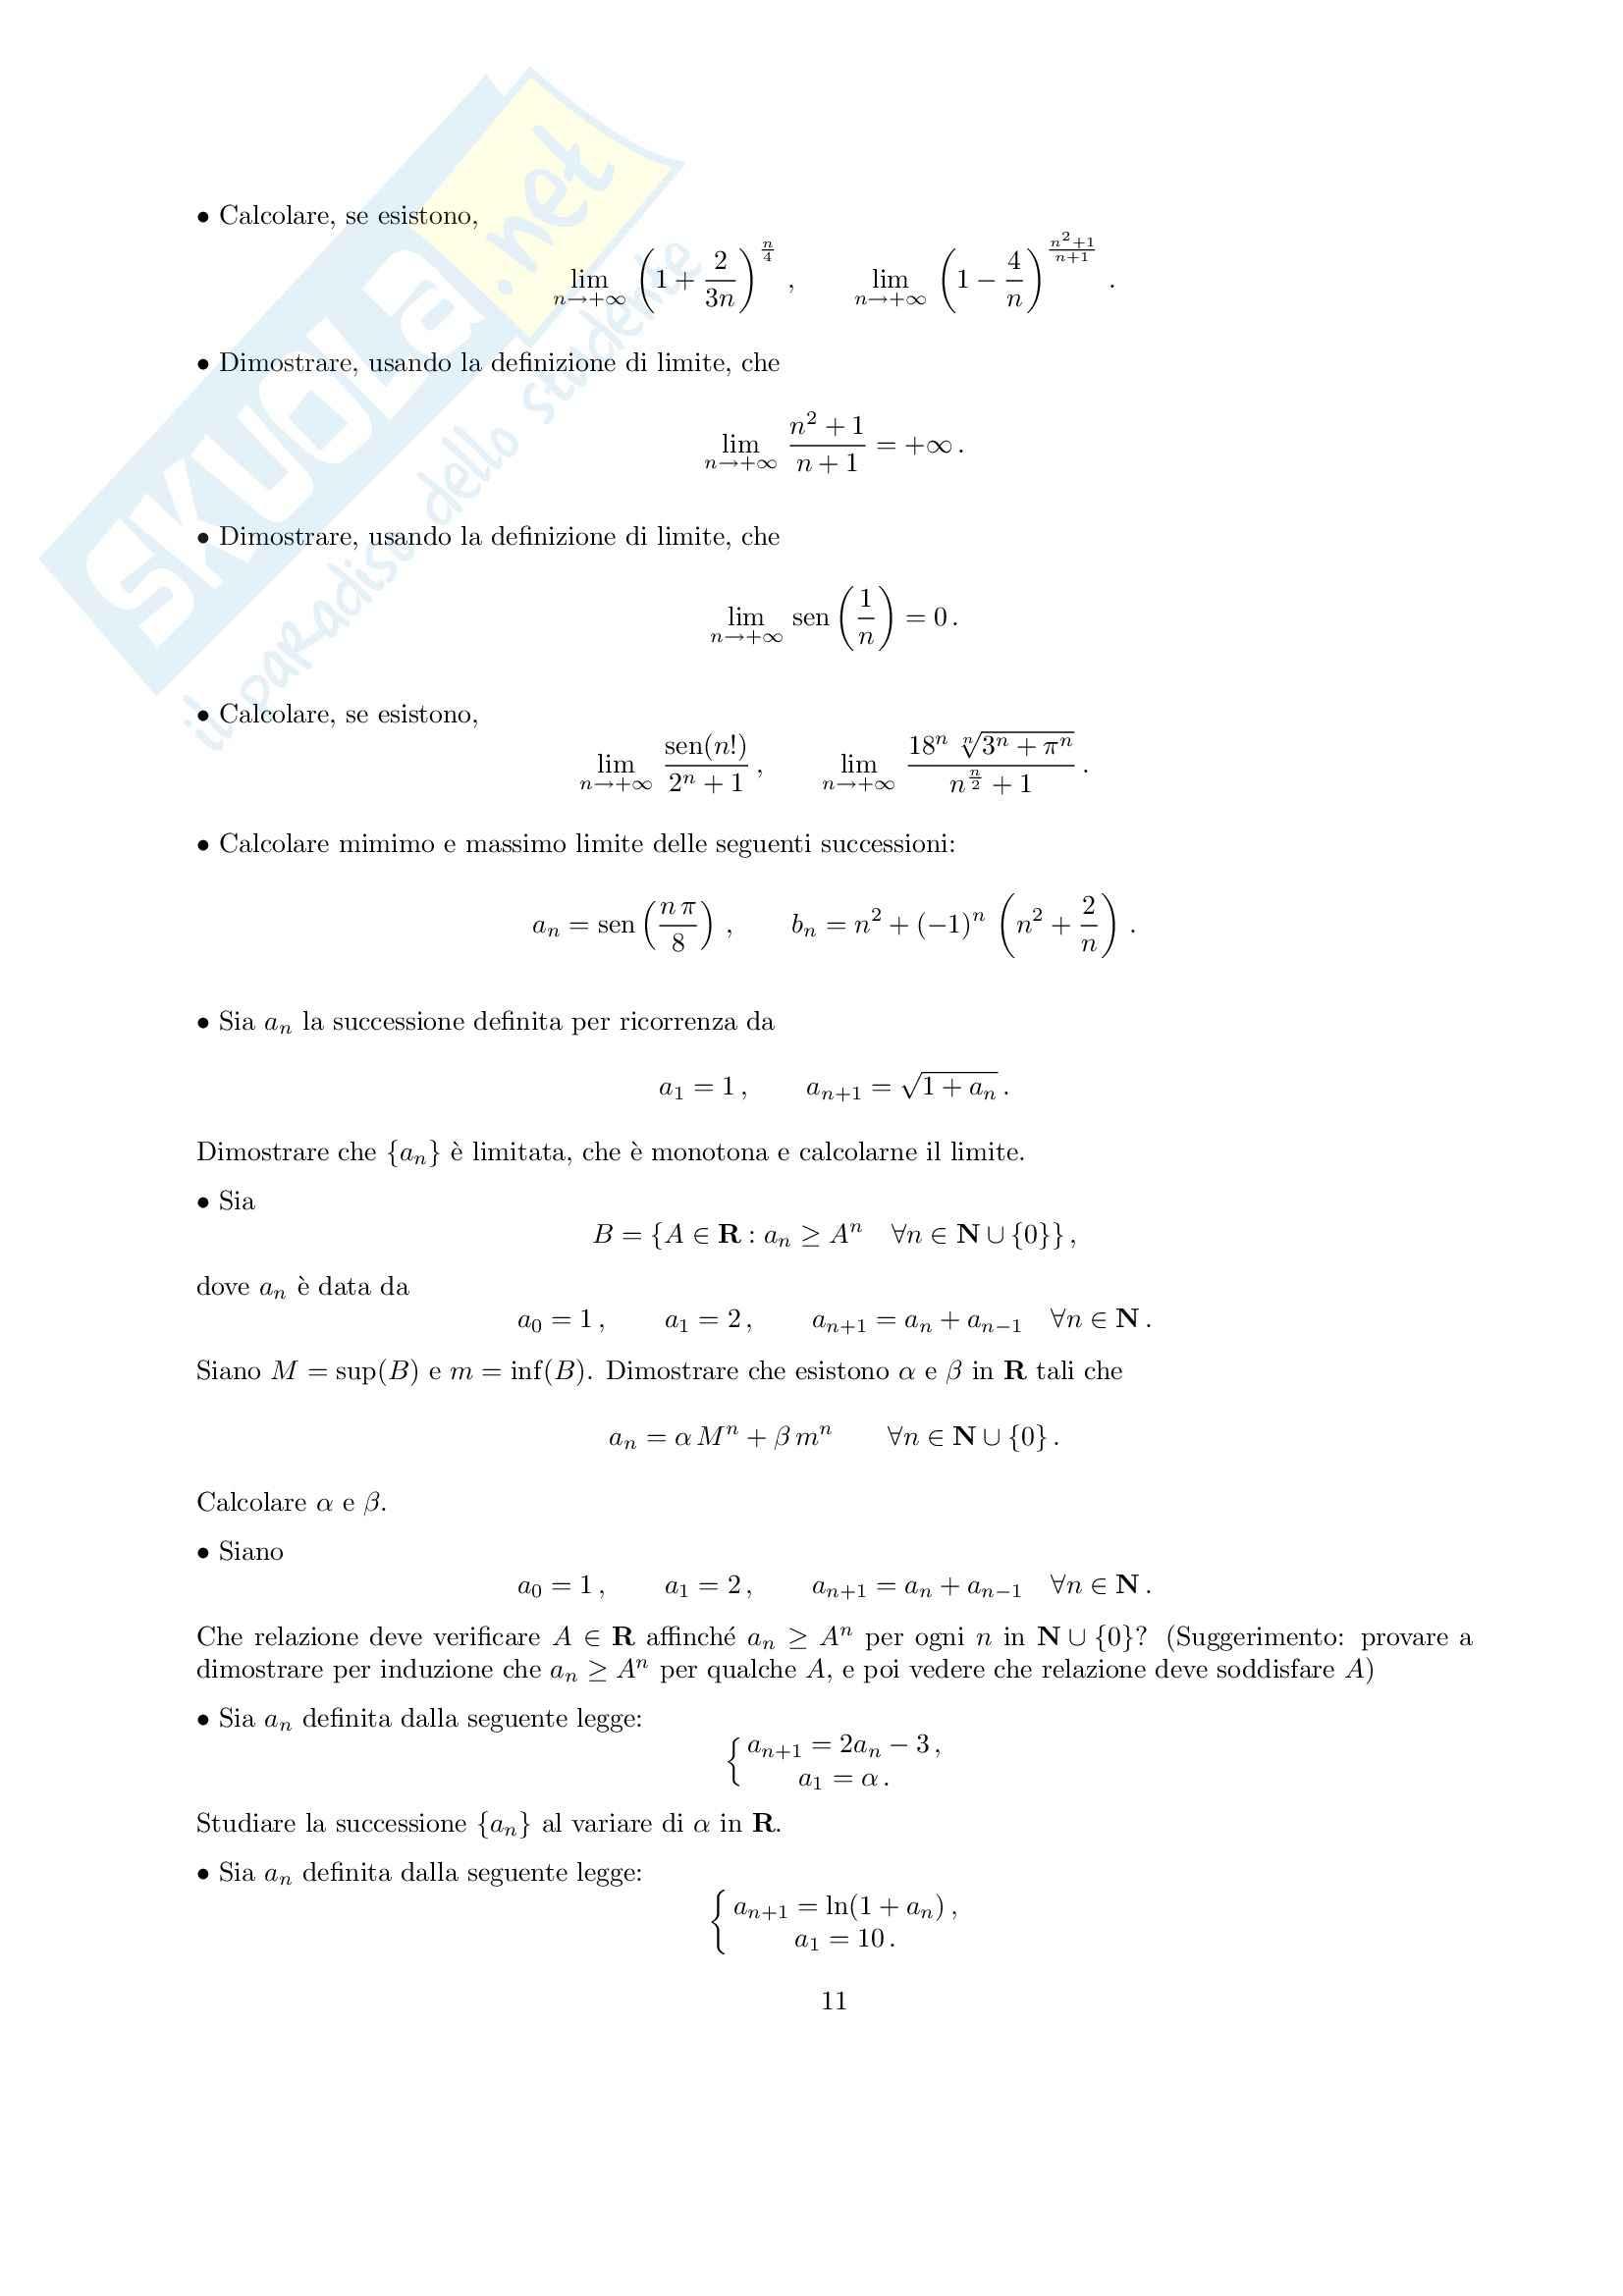 Matematica per Le applicazioni I - Esercitazione Pag. 11